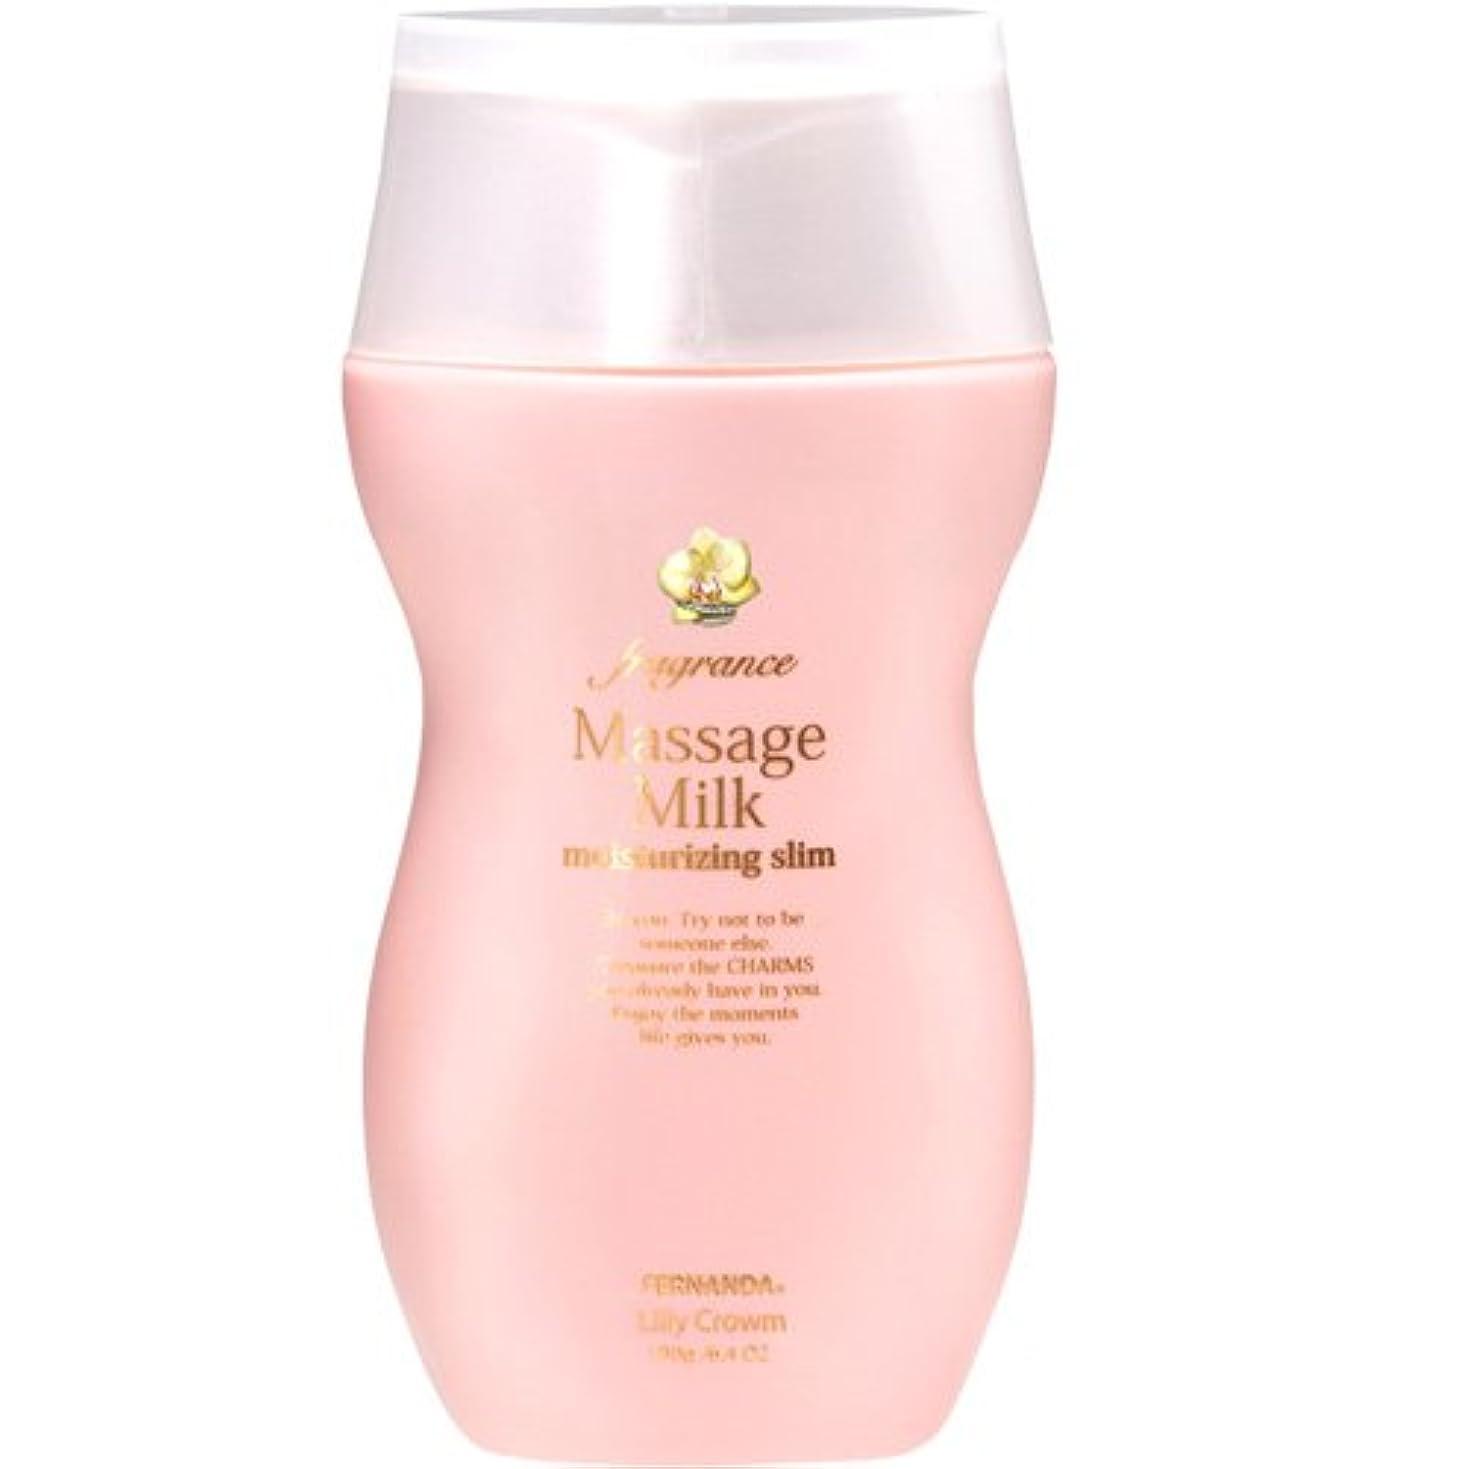 足枷オプショナル大陸FERNANDA(フェルナンダ) Massage Milk Lilly Crown (マッサージミルク リリークラウン)